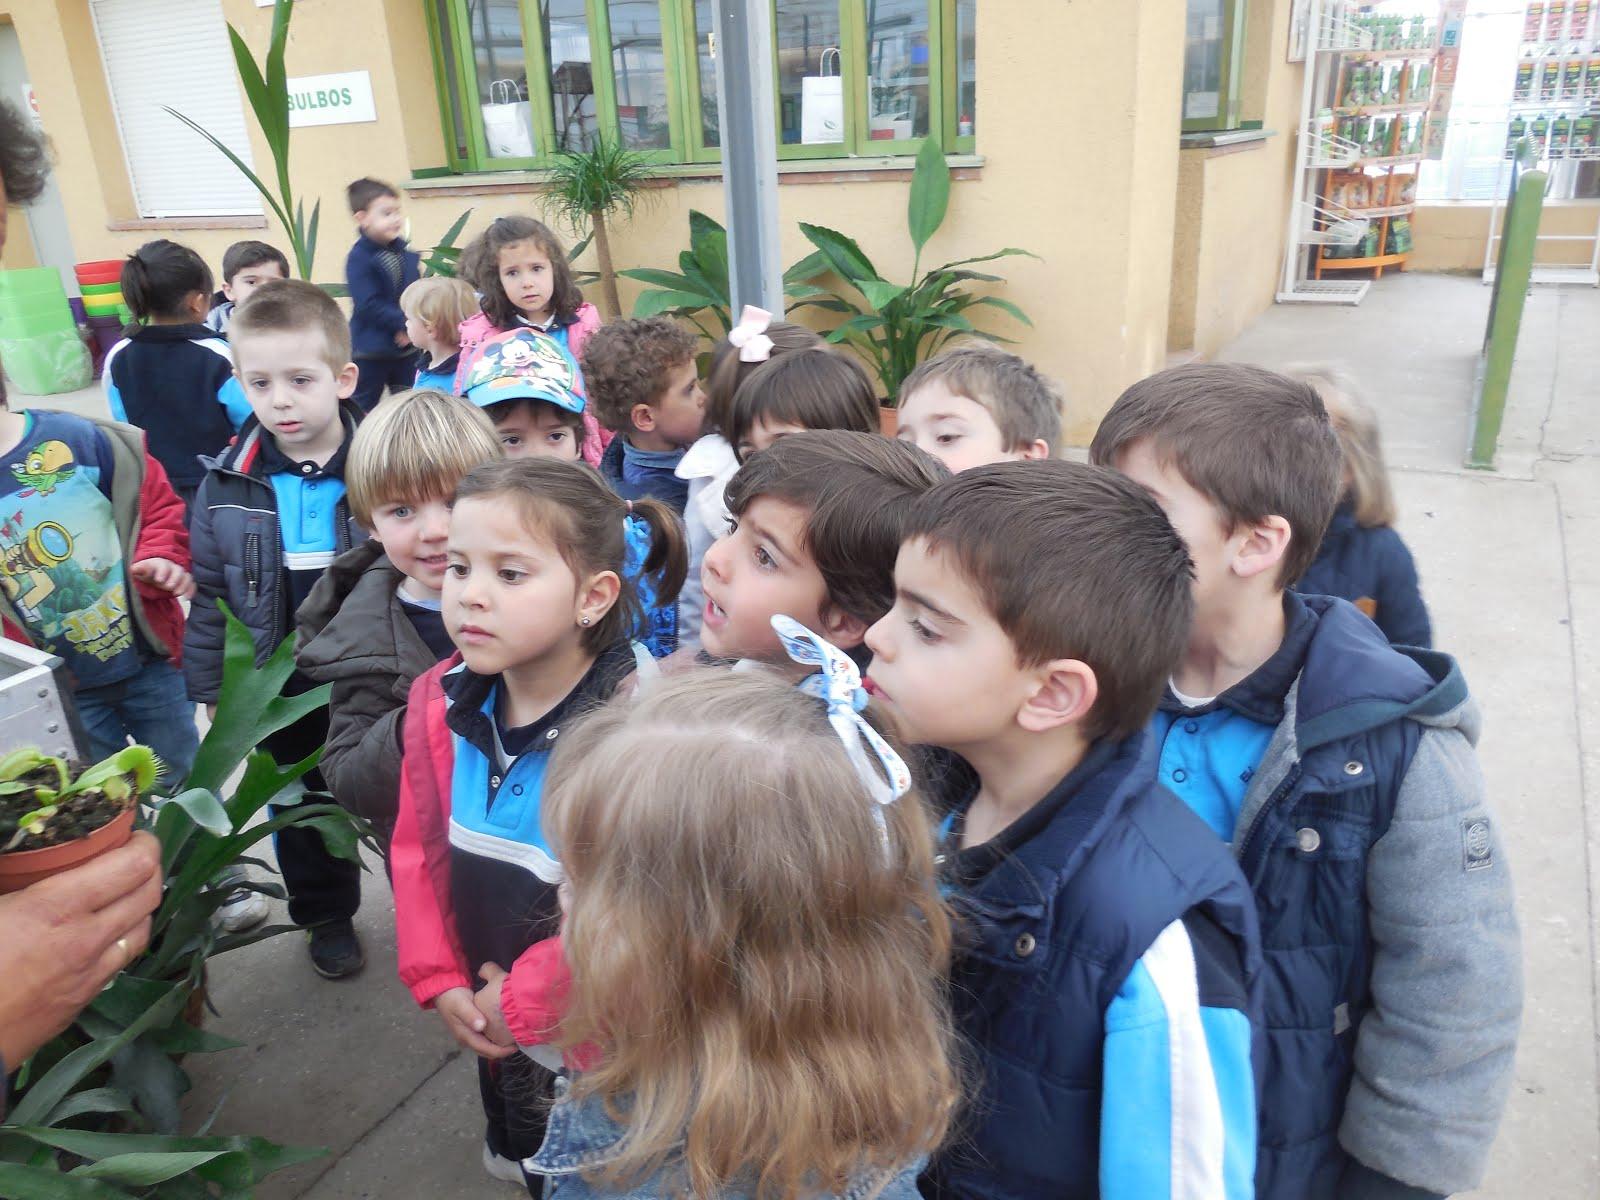 El Jueves Fuimos A Visitar Viveros Gimeno, Donde Pudimos Ver árboles  Frutales Y Oler Un Montón De Flores. ¡Muchas Gracias Por La Planta!